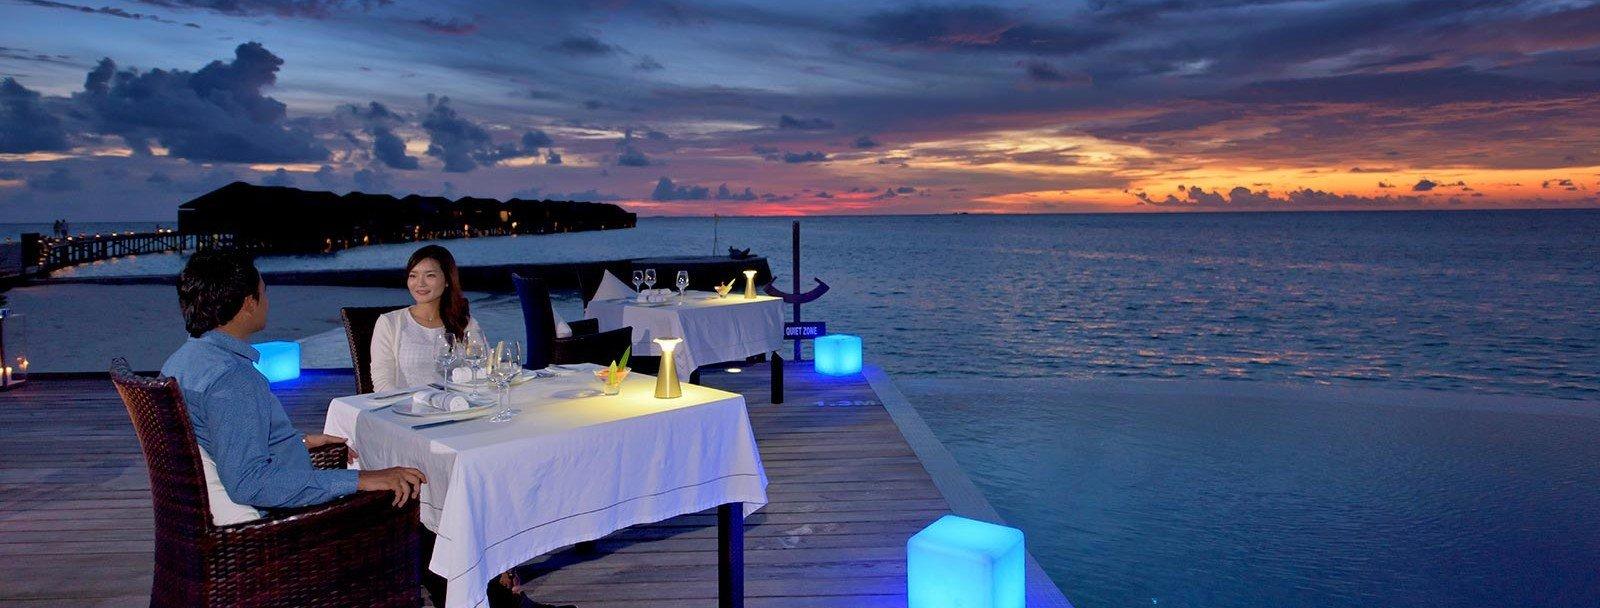 Bestes Hotel Auf Den Malediven